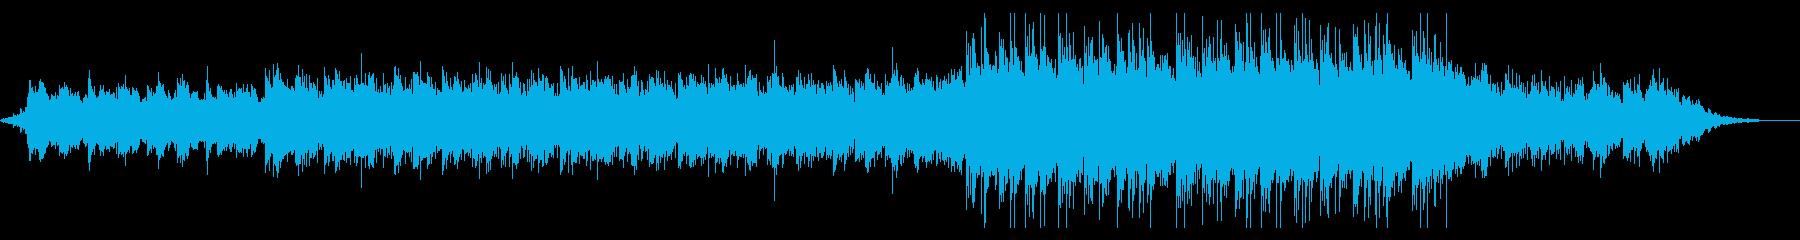 ドキュメント エンディング ドラム無しの再生済みの波形